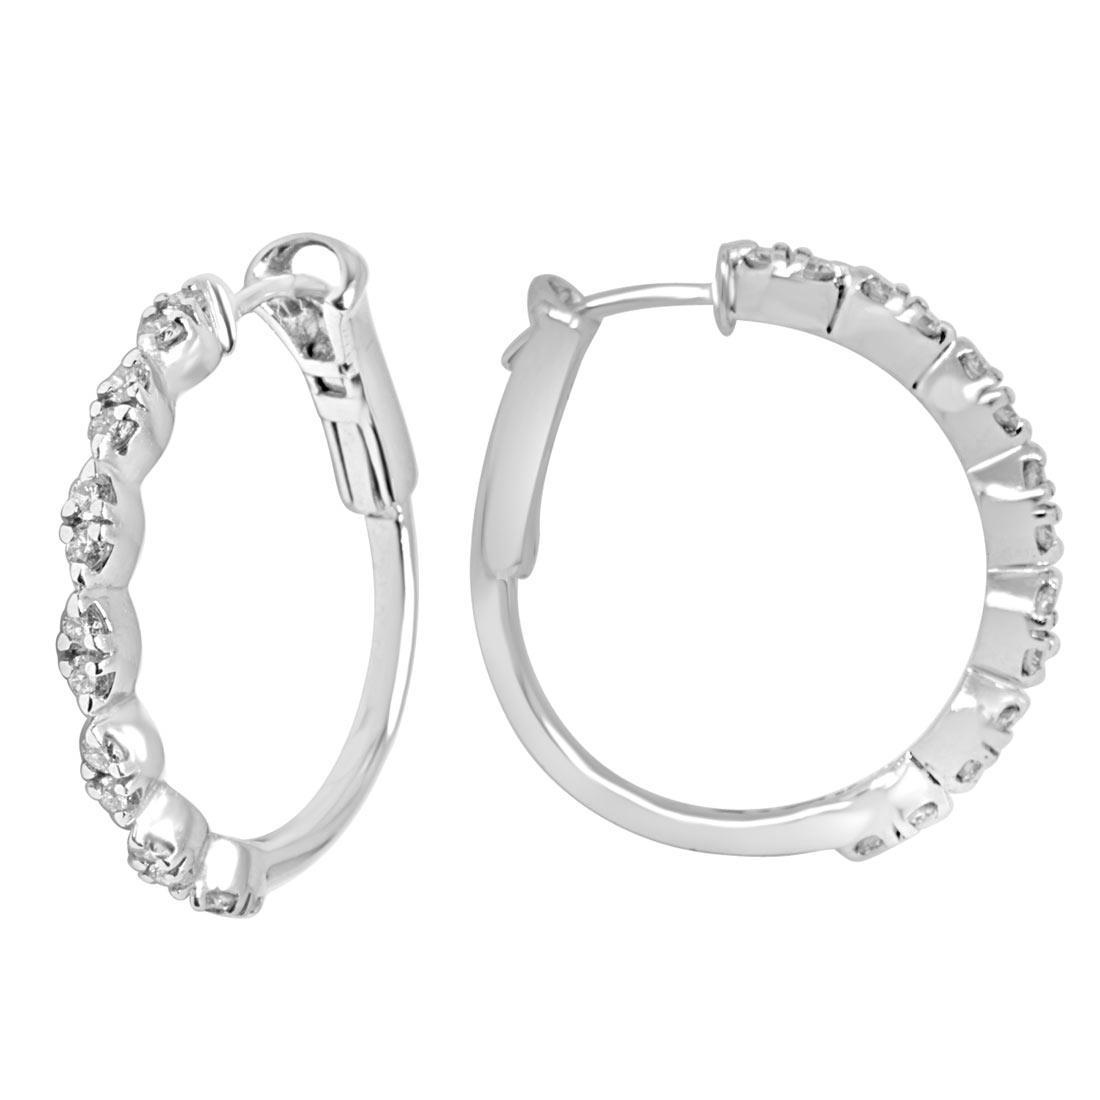 Orecchini in oro bianco con diamanti ct 0.58 - ALFIERI ST JOHN